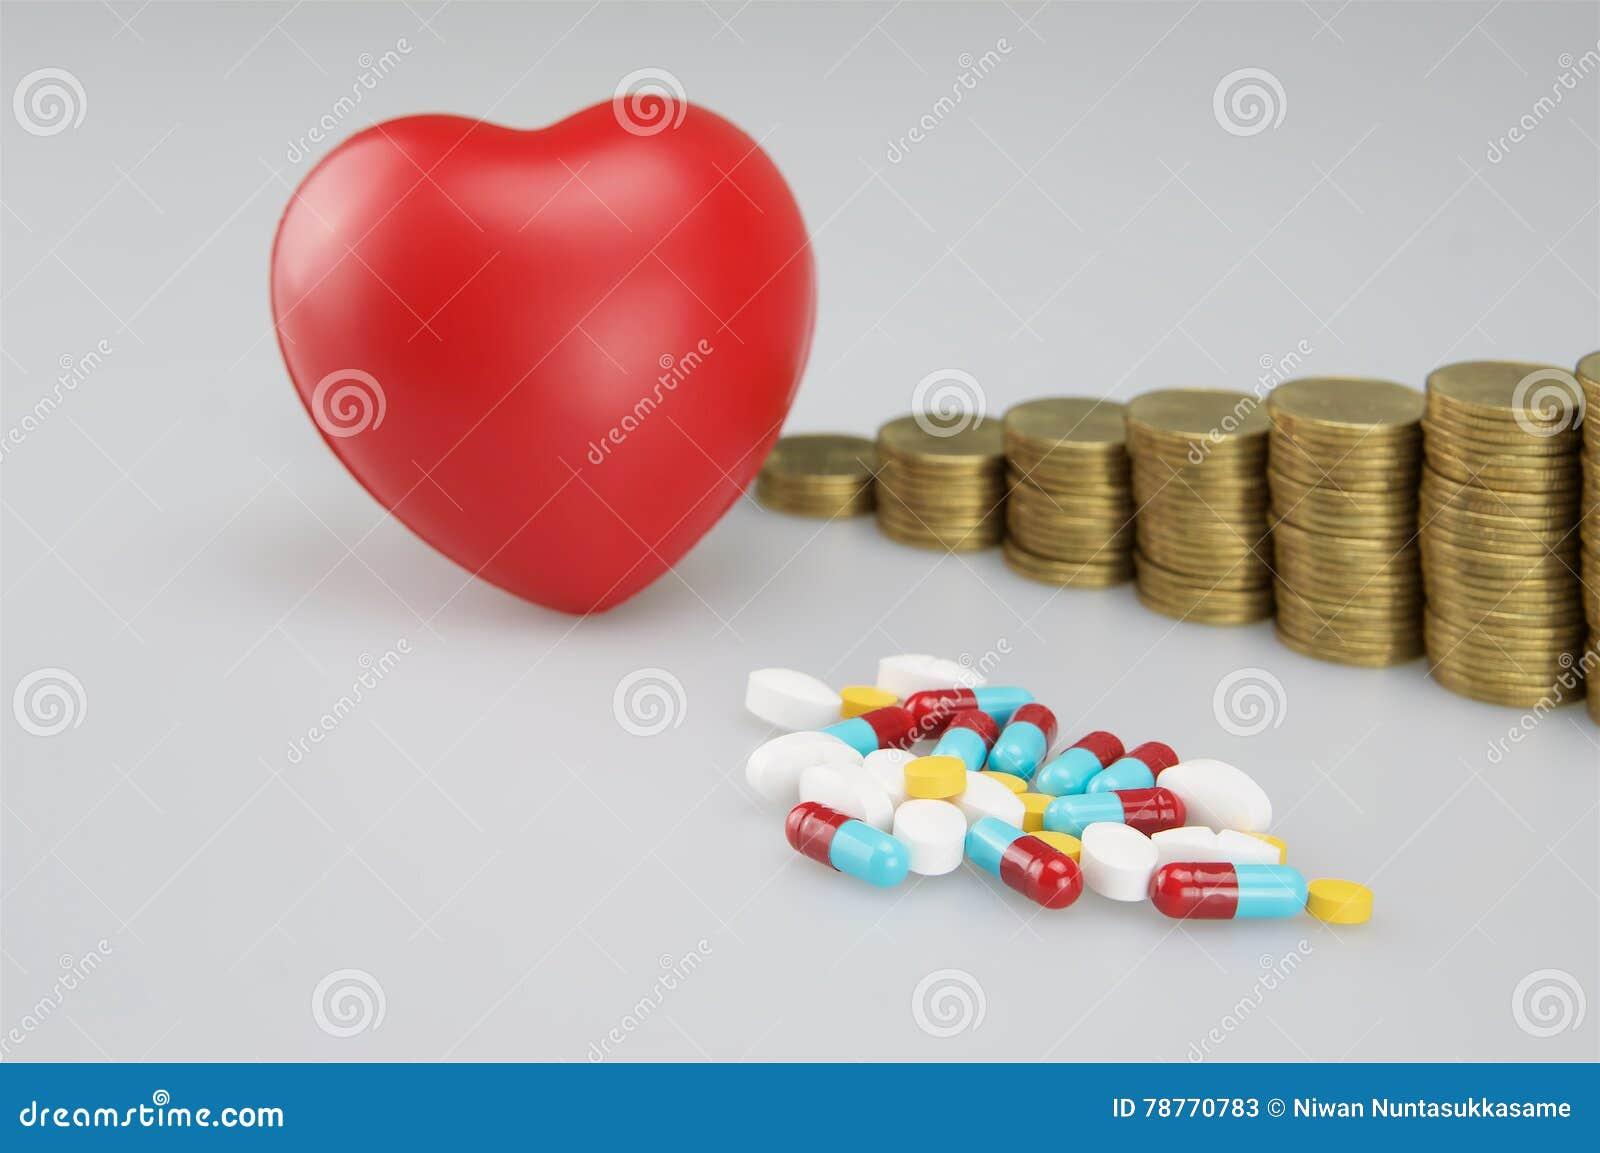 Stapel Medizin und rotes Herz mit Goldmünzen